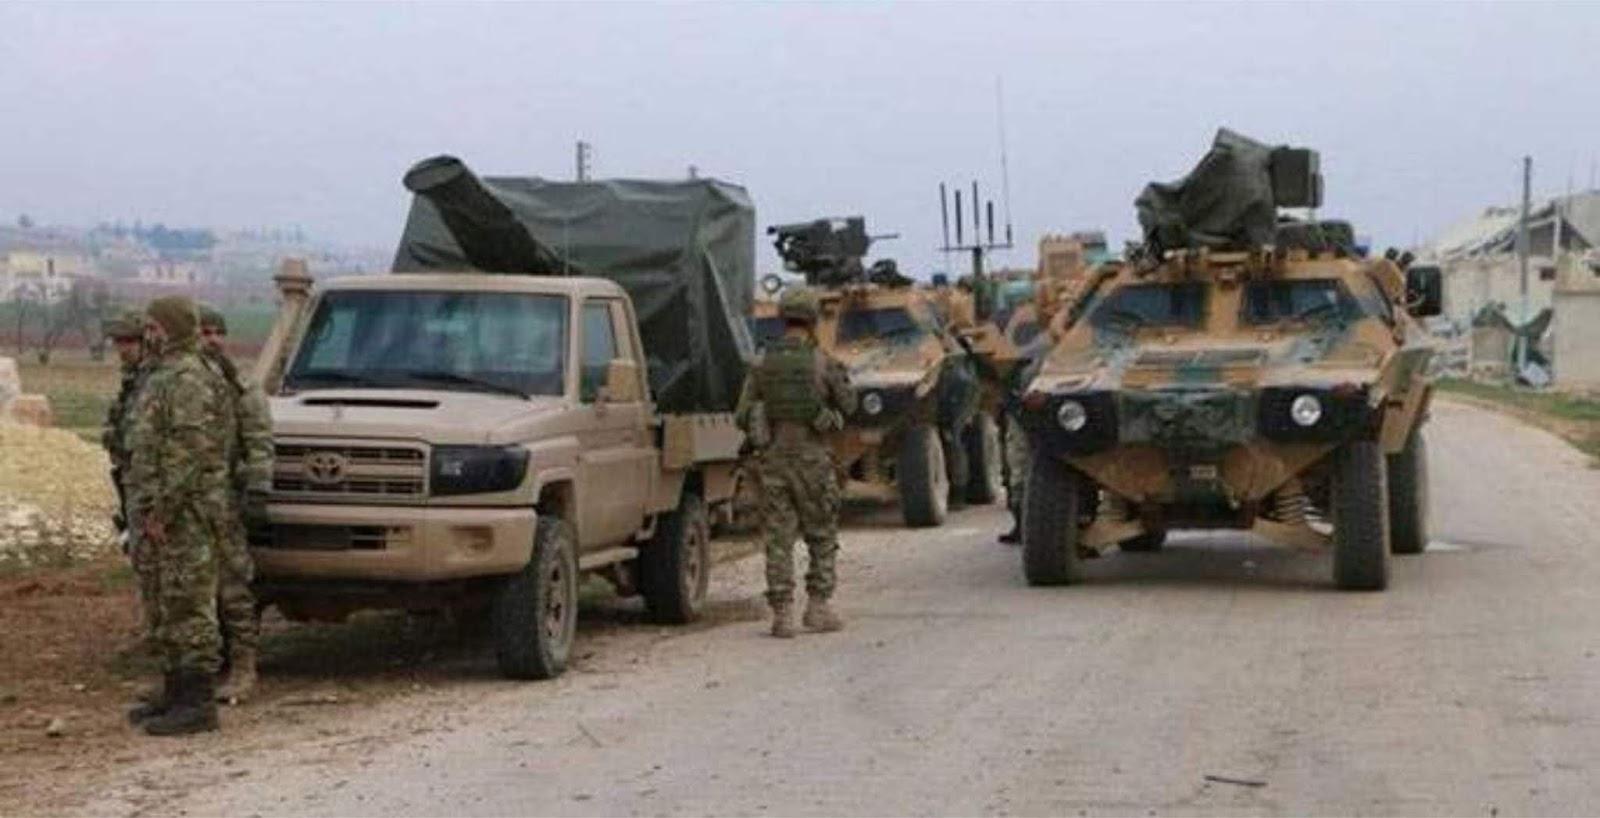 Turki akan mengendalikan wilayah yang dibebaskan setelah penarikan AS dari Suriah